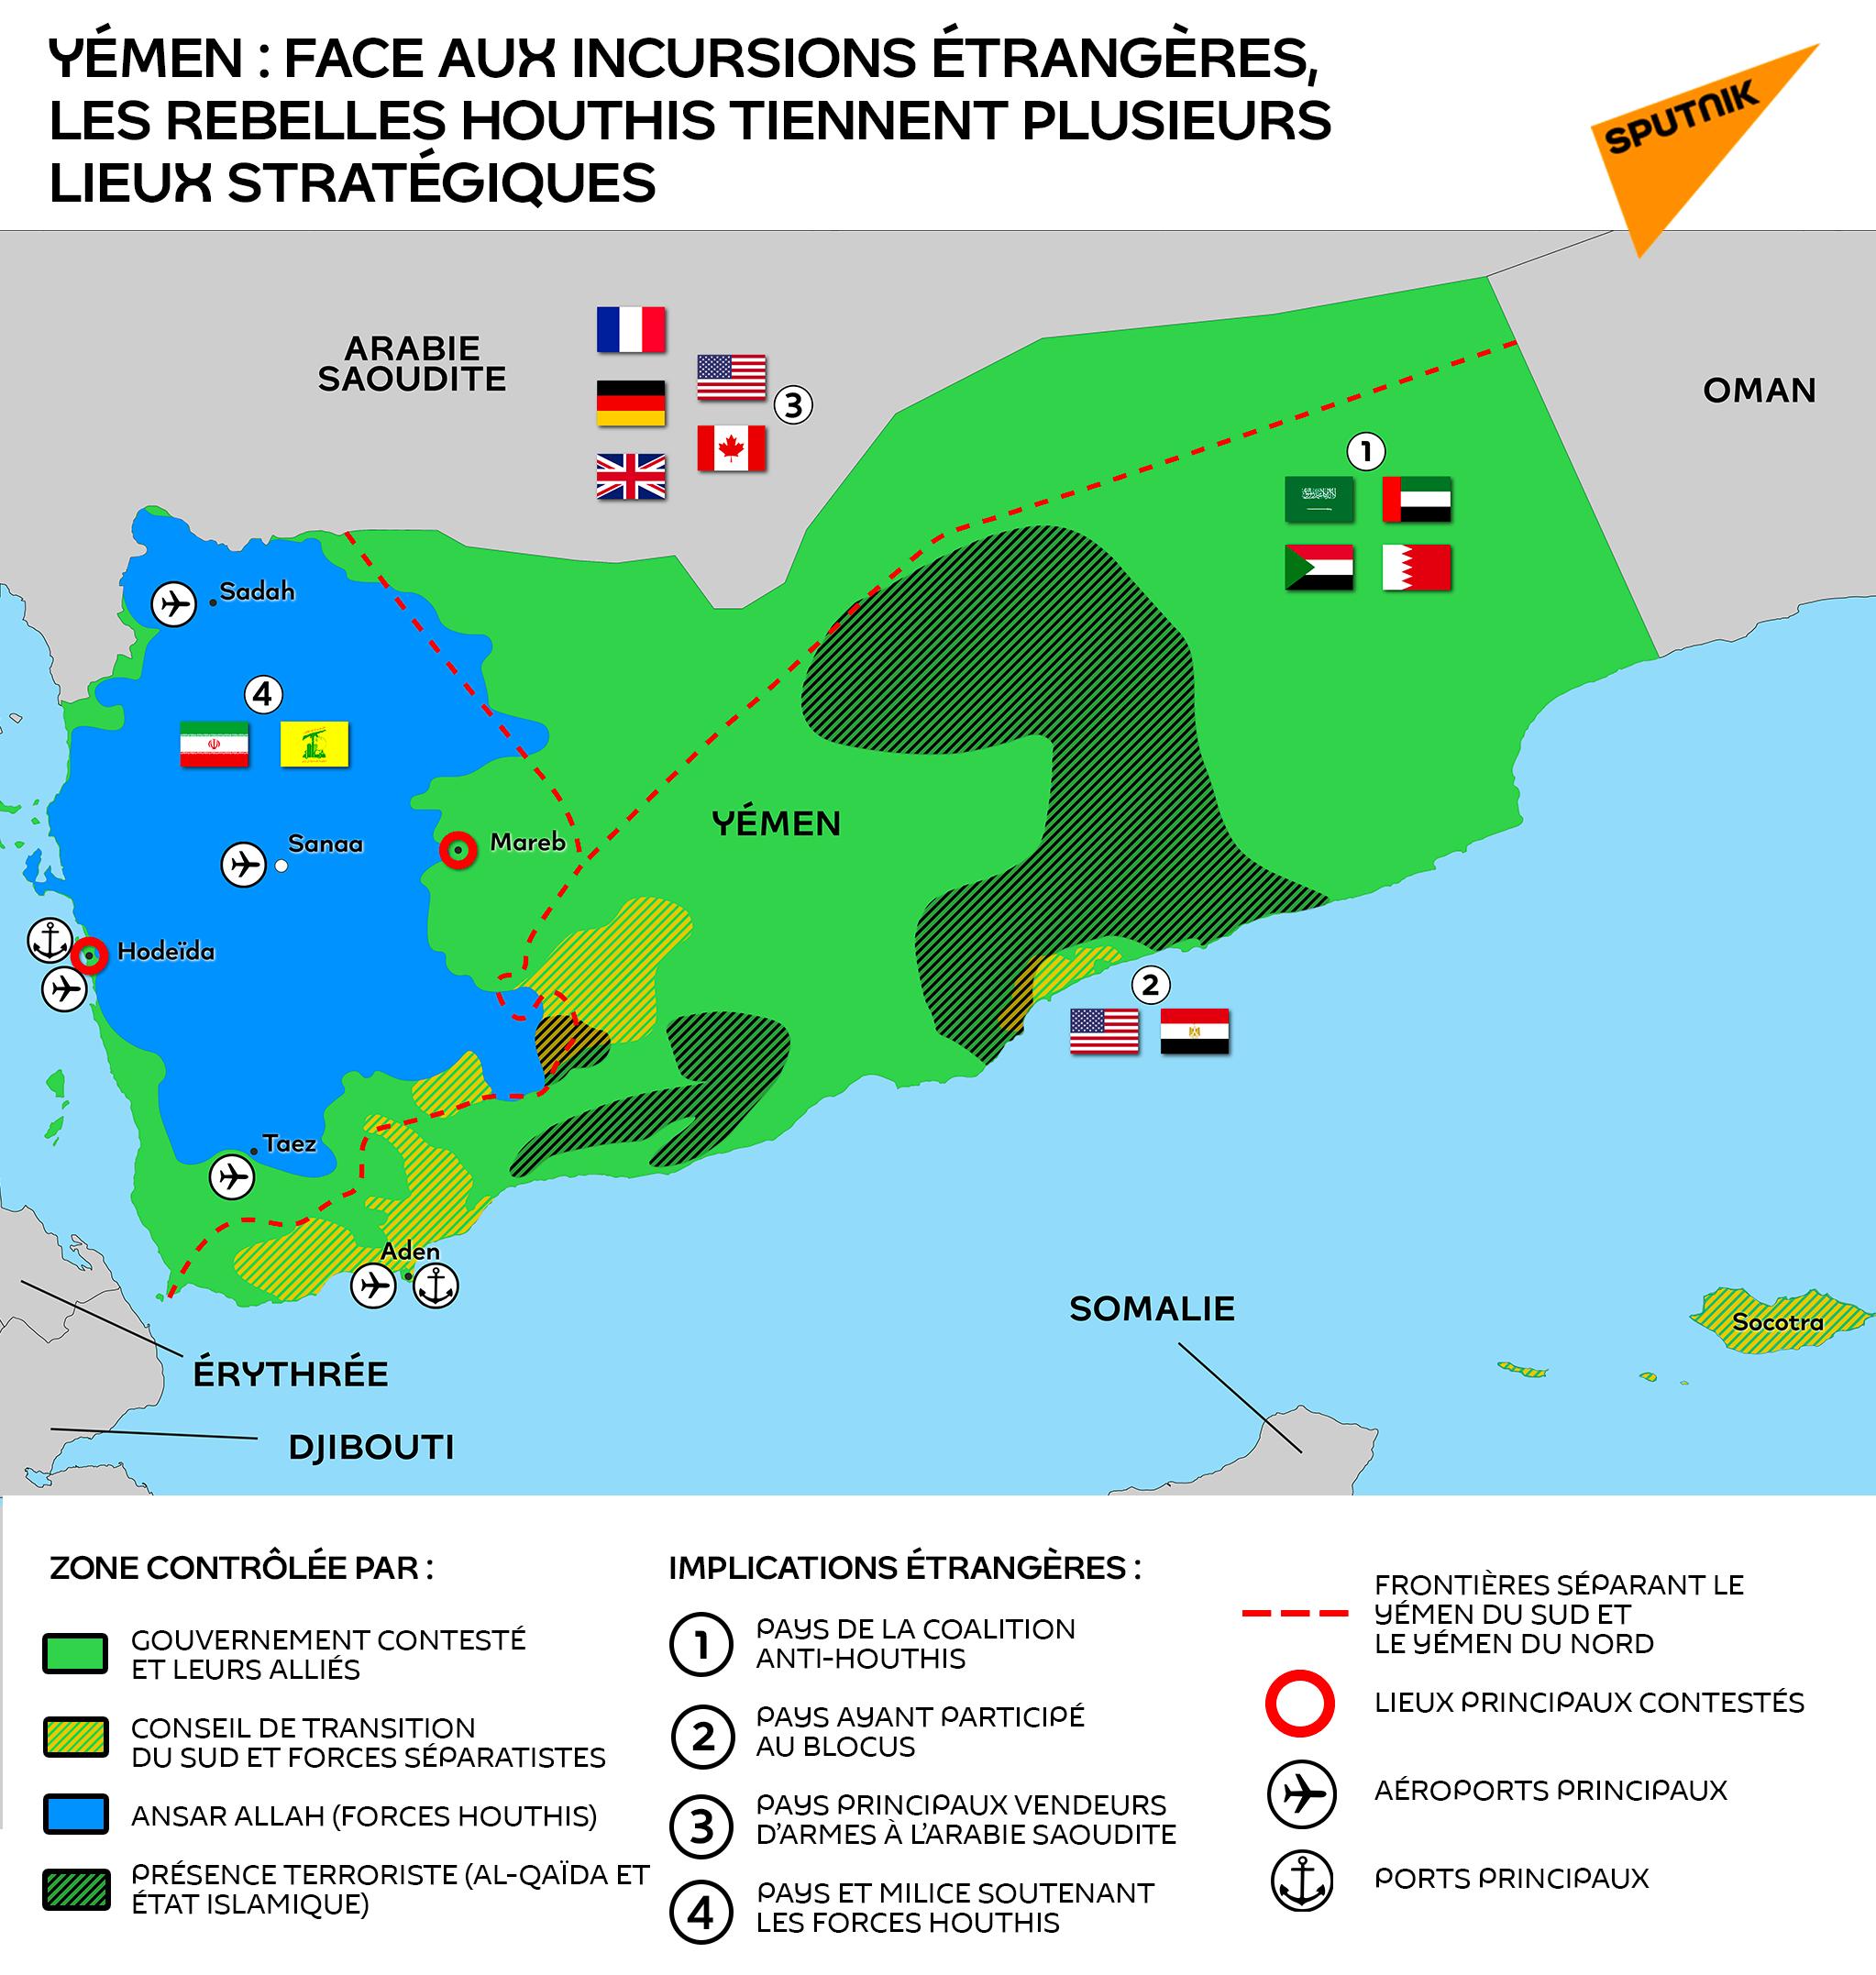 Yémen : face aux incursions étrangères, les rebelles houthis tiennent plusieurs lieux stratégiques